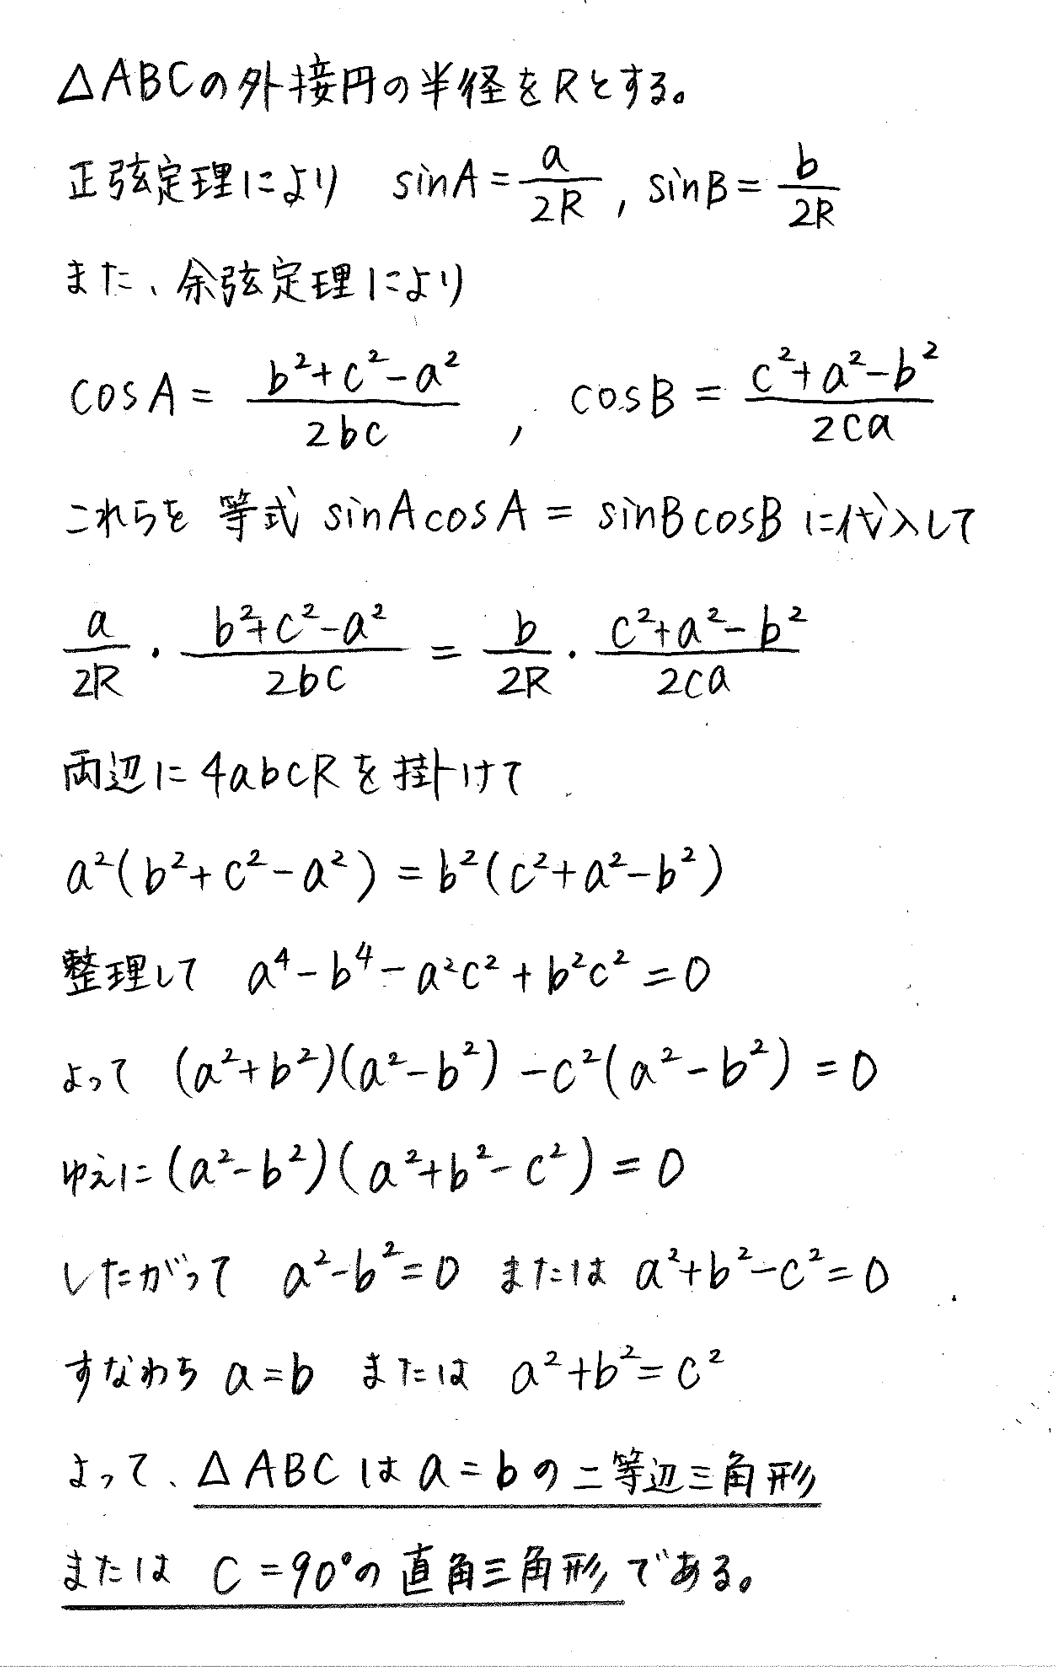 クリアー数学1-309解答